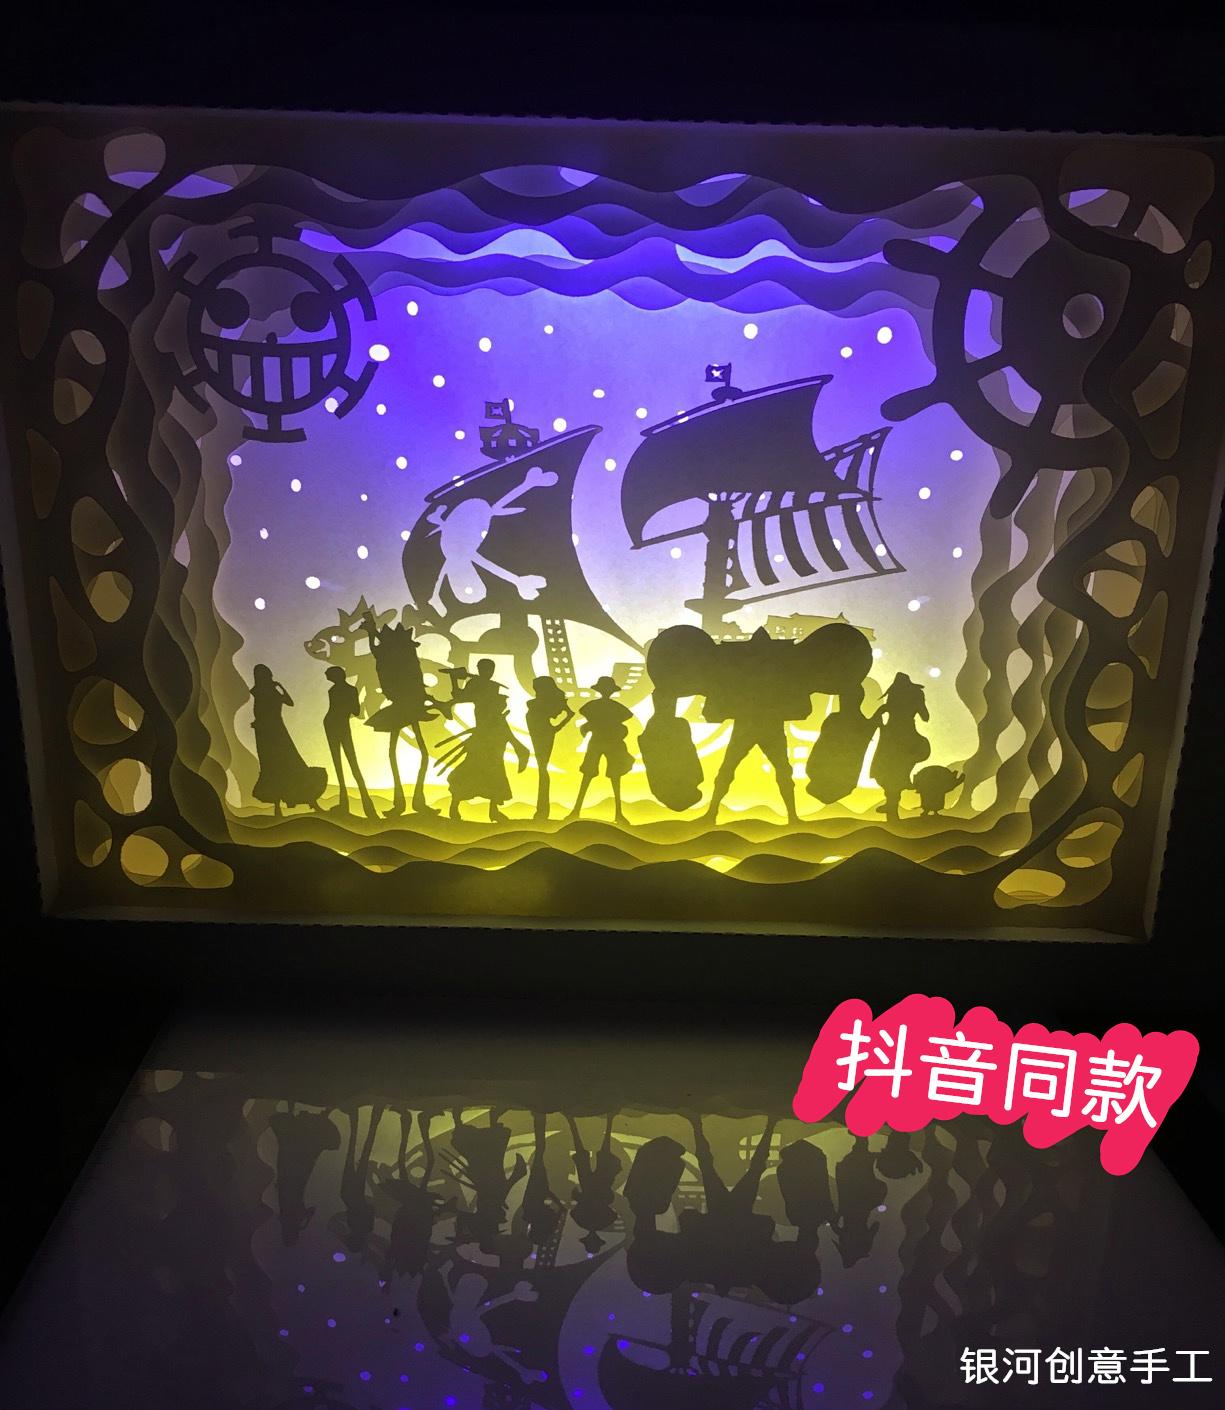 光影纸雕灯海贼王 手工制作材料创意立体卧室小夜台灯箱礼物抖音